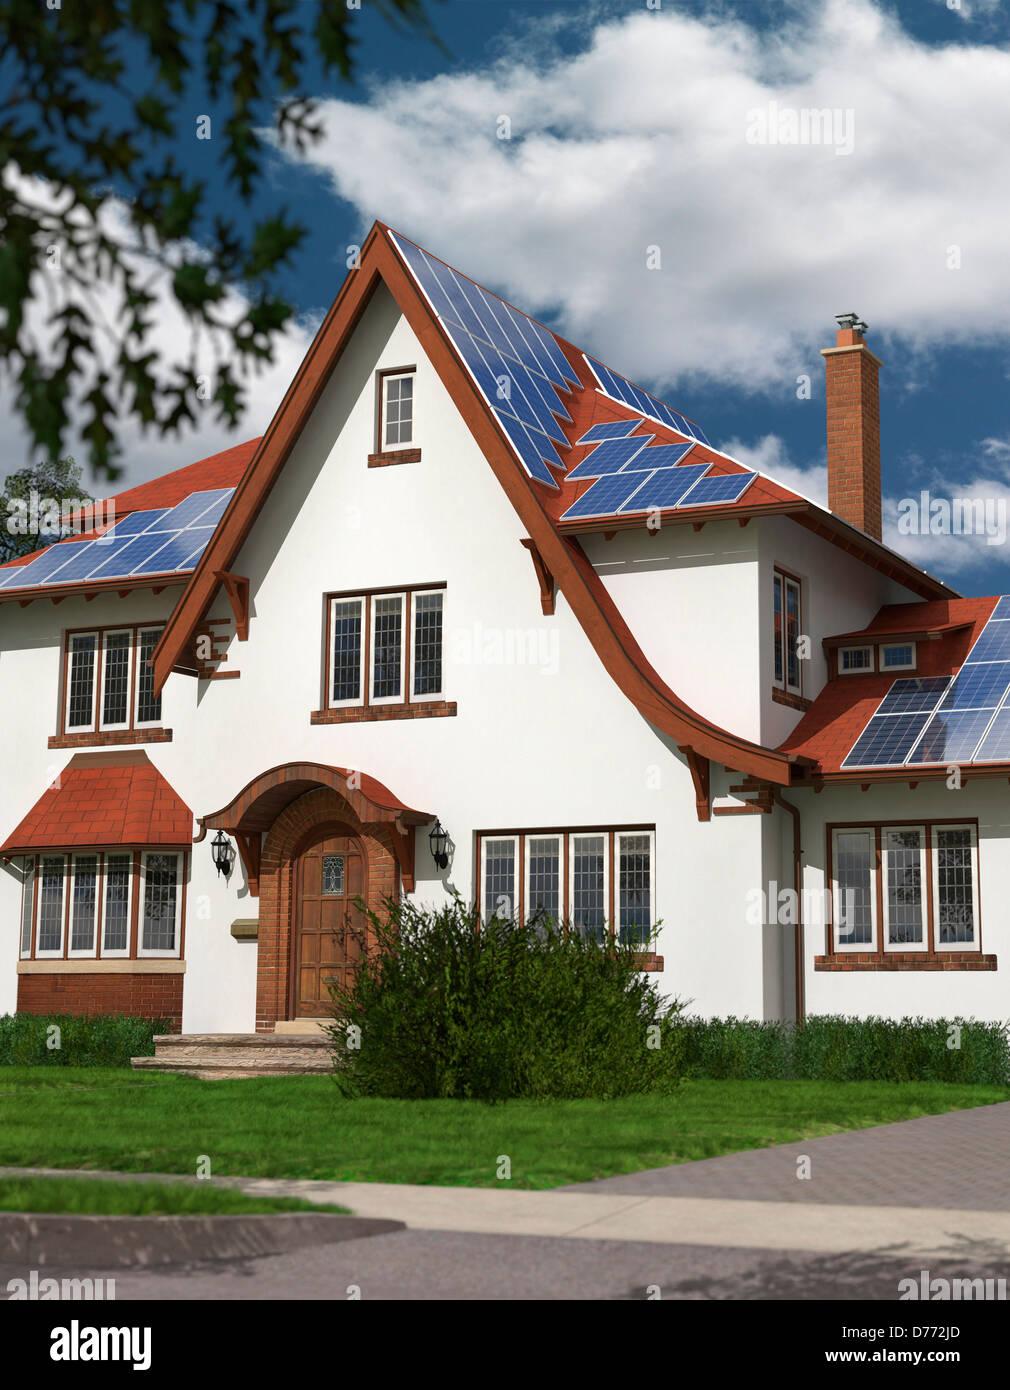 Staccato di casa familiare con i pannelli solari sul tetto alimentato da energia solare. Lo sviluppo sostenibile, Immagini Stock